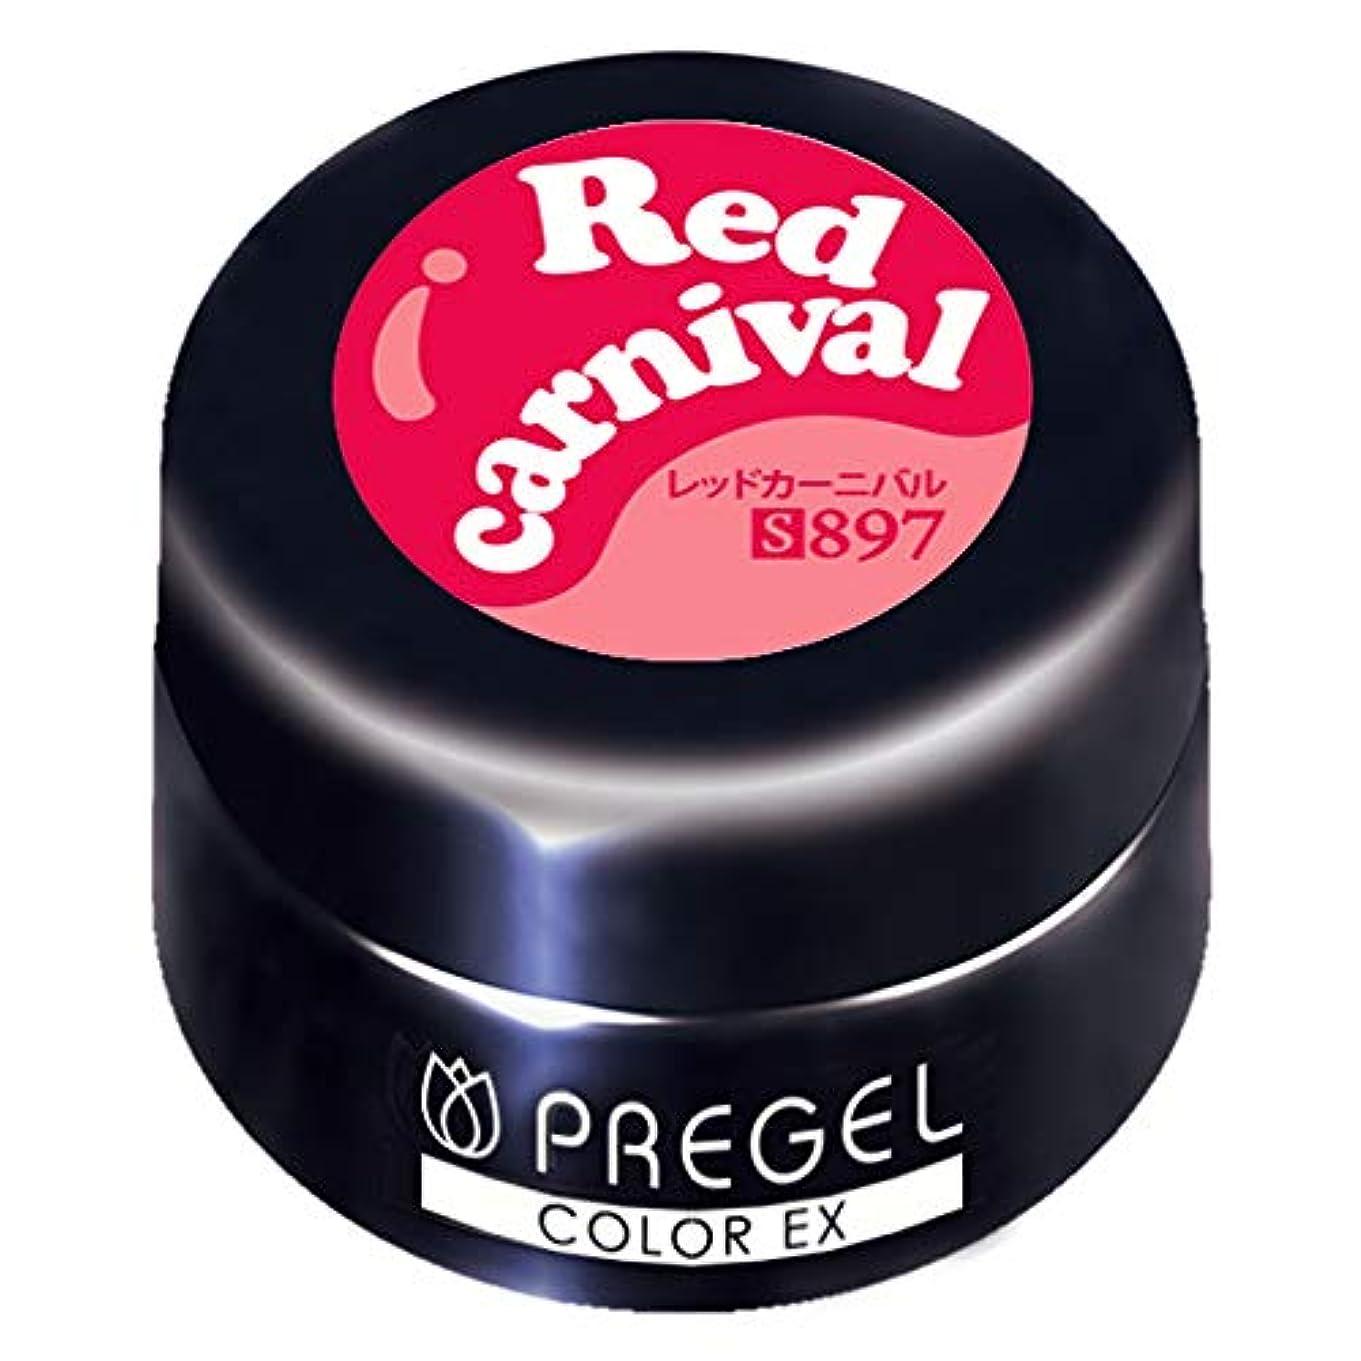 受粉者治療はがきPRE GEL カラーEX レッドカーニバル 3g PG-CE897